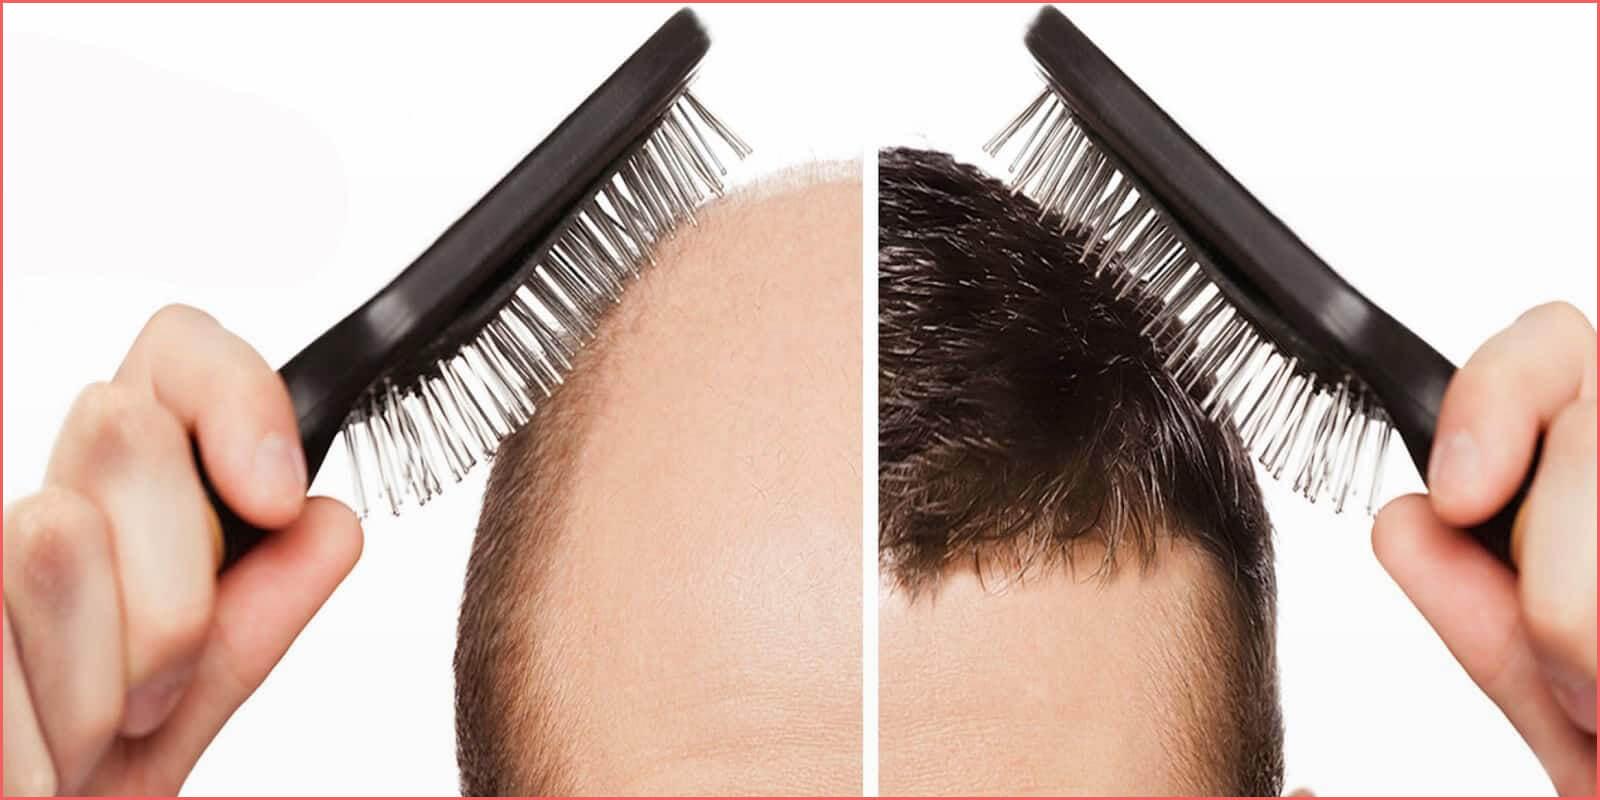 زراعة الشعر في تركيا - Zty Health Istanbul